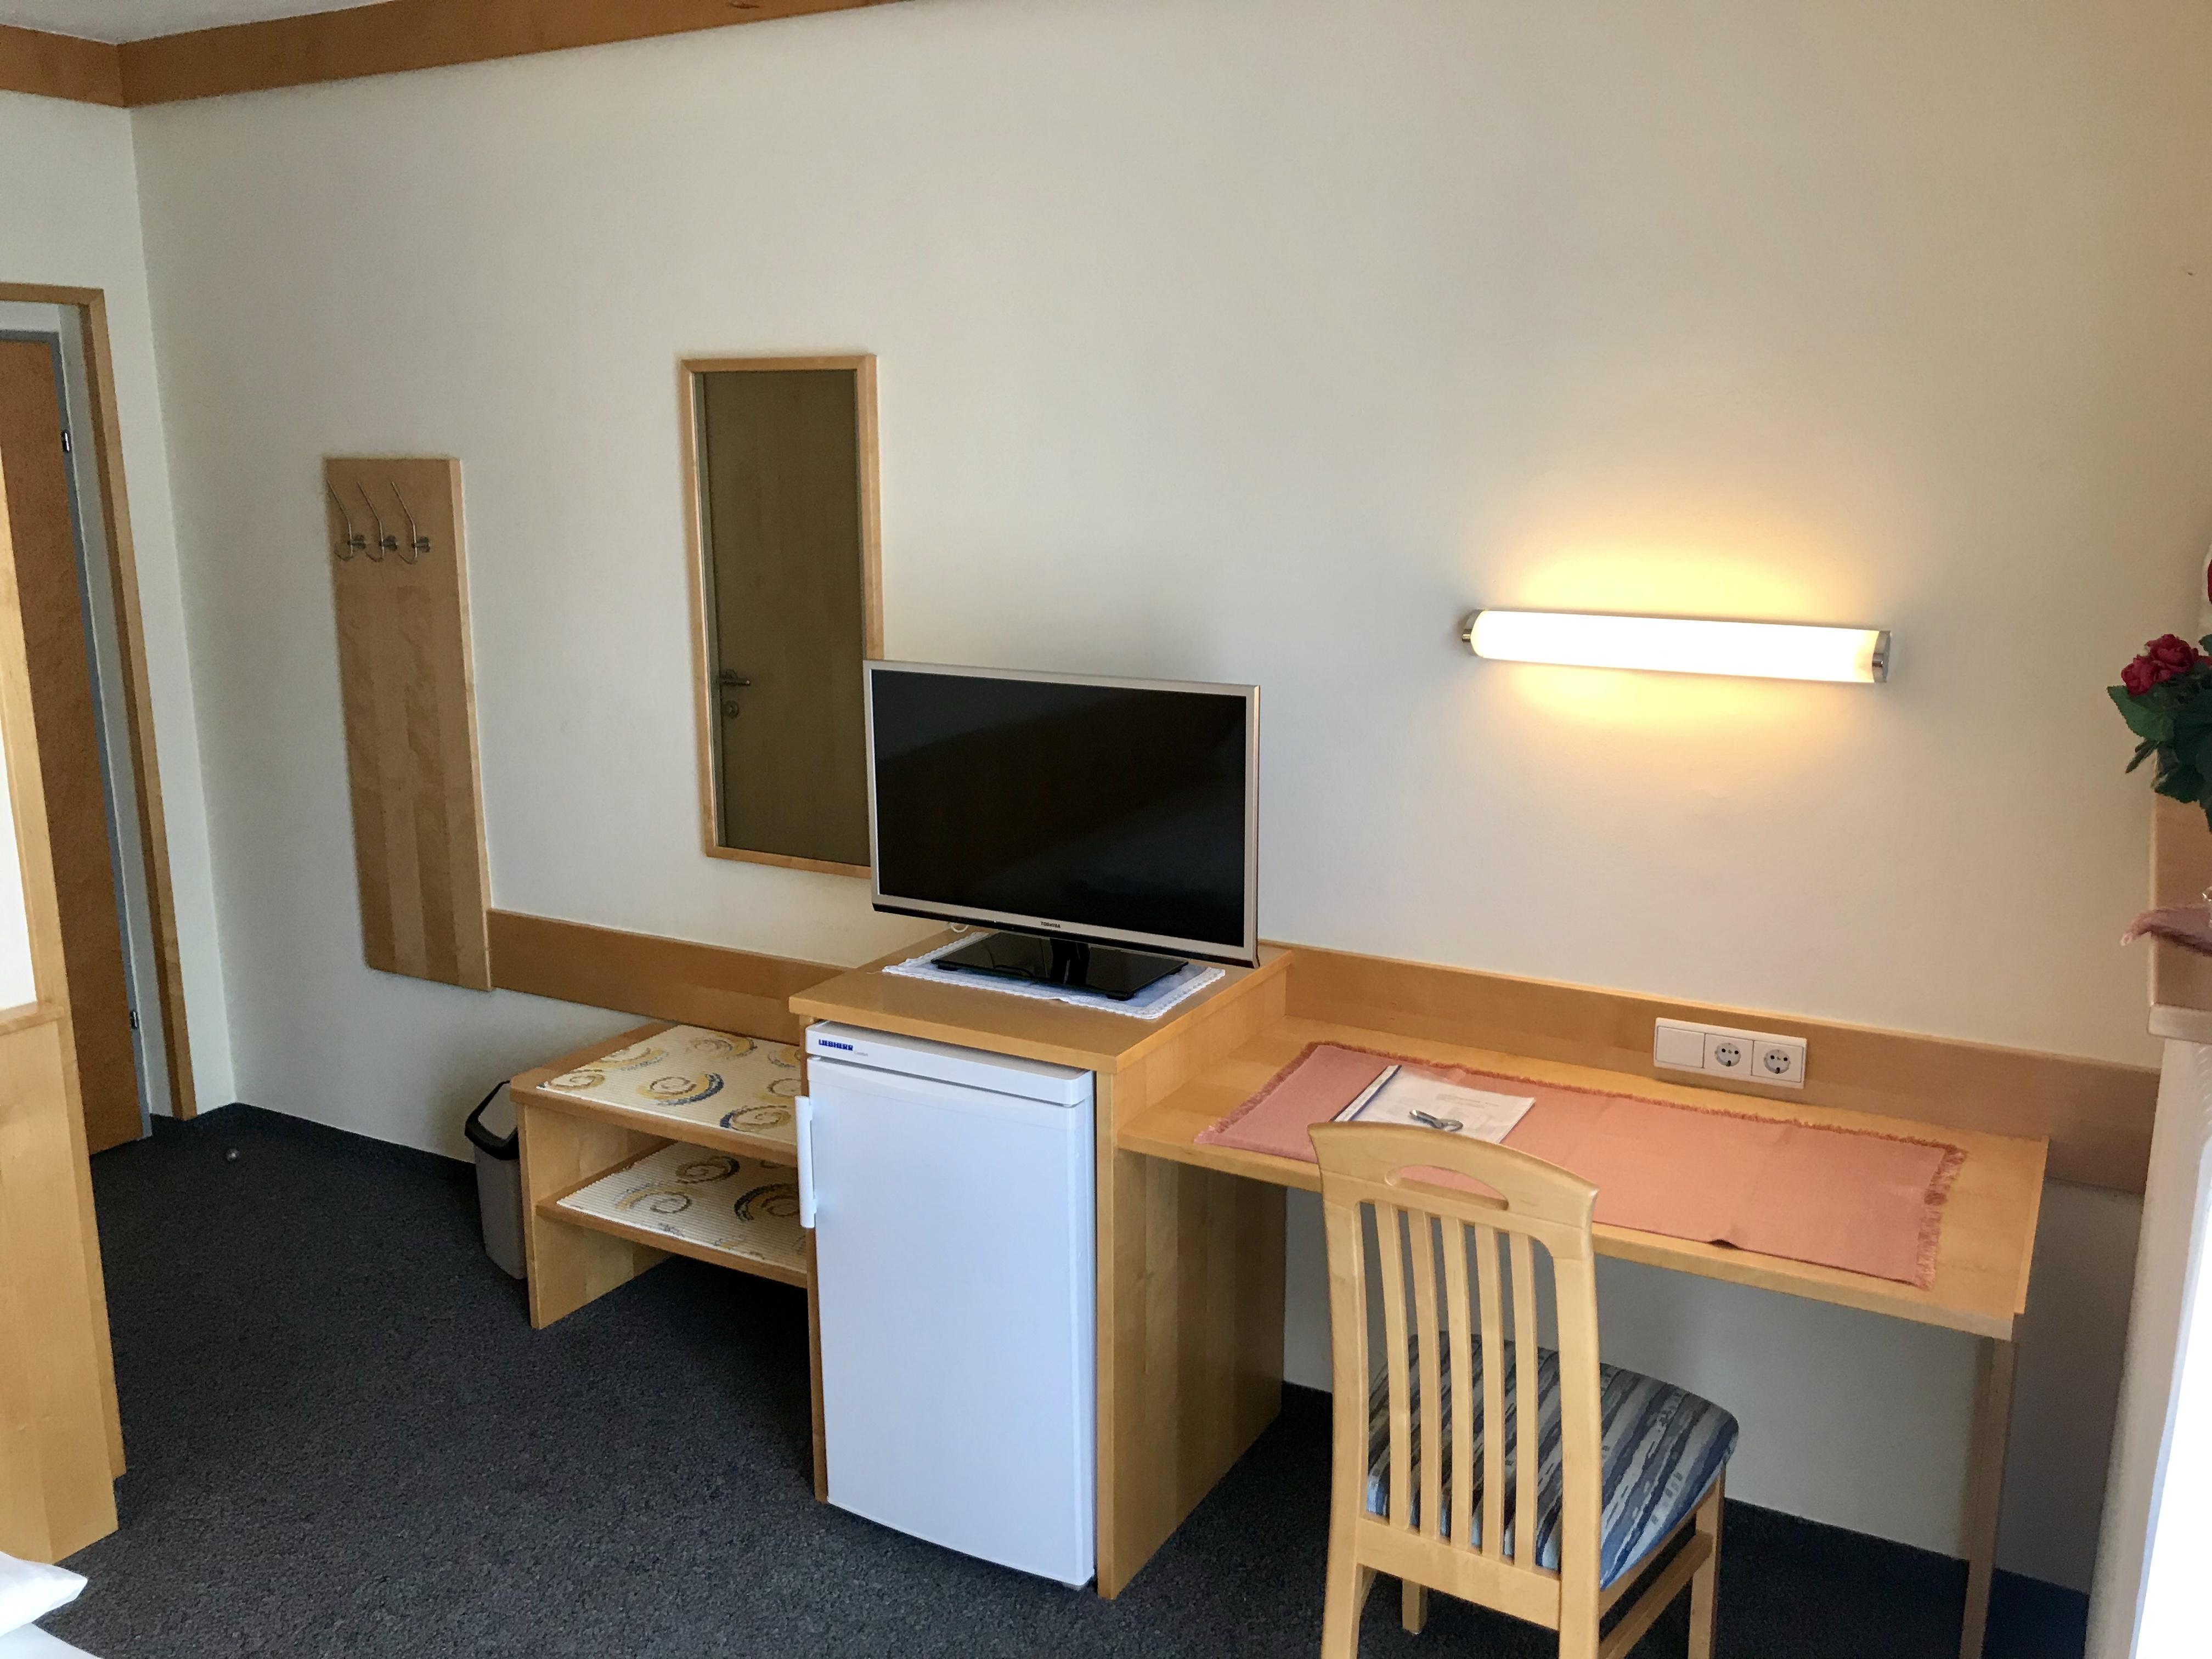 Zimmer Nr. 2 - TV & Sitzbereich